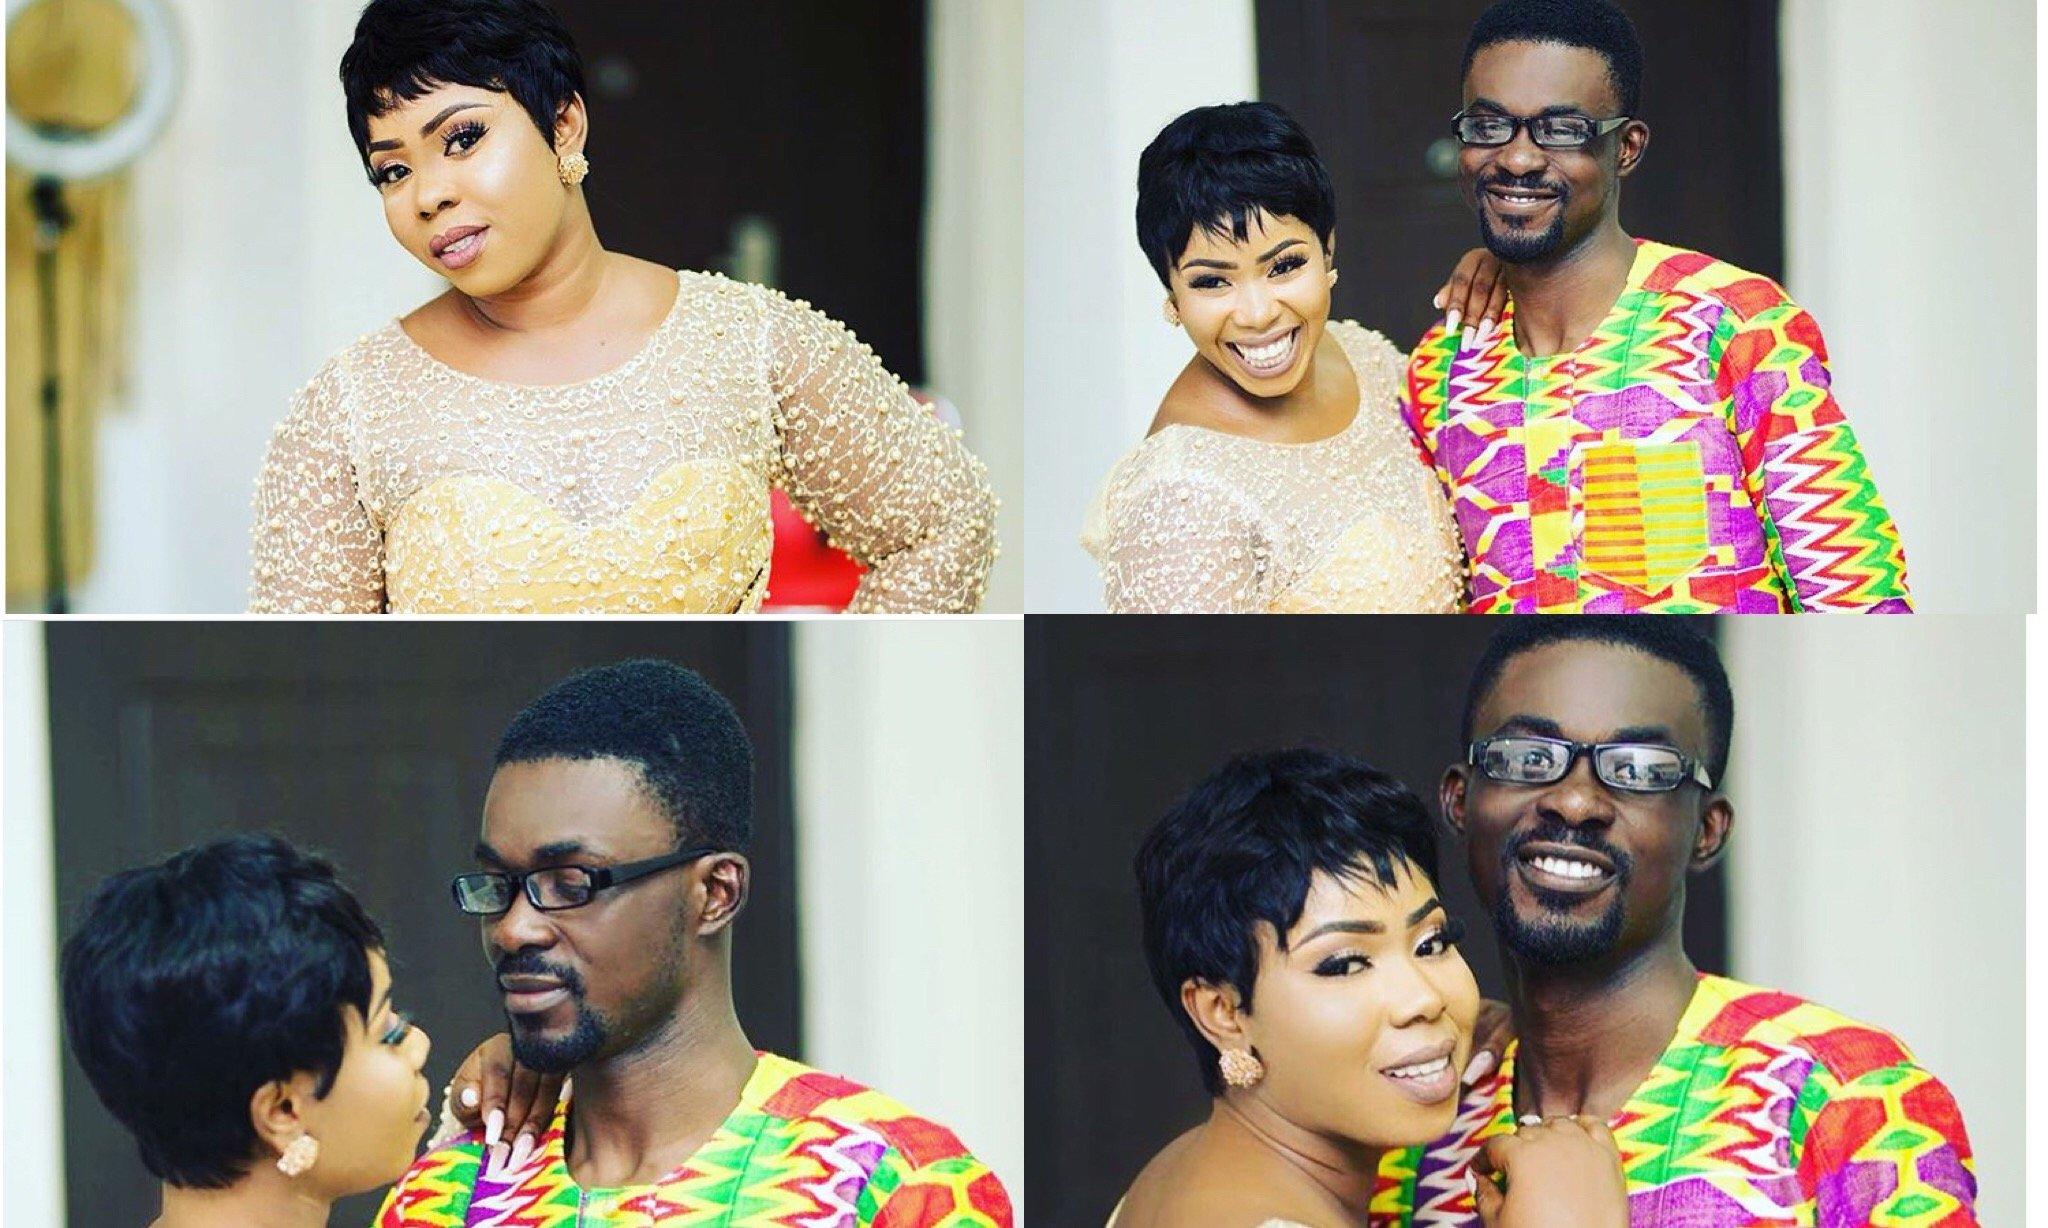 Nana Appiah Mensah Threw A Private Party For Wife, Rose Appiah Mensah